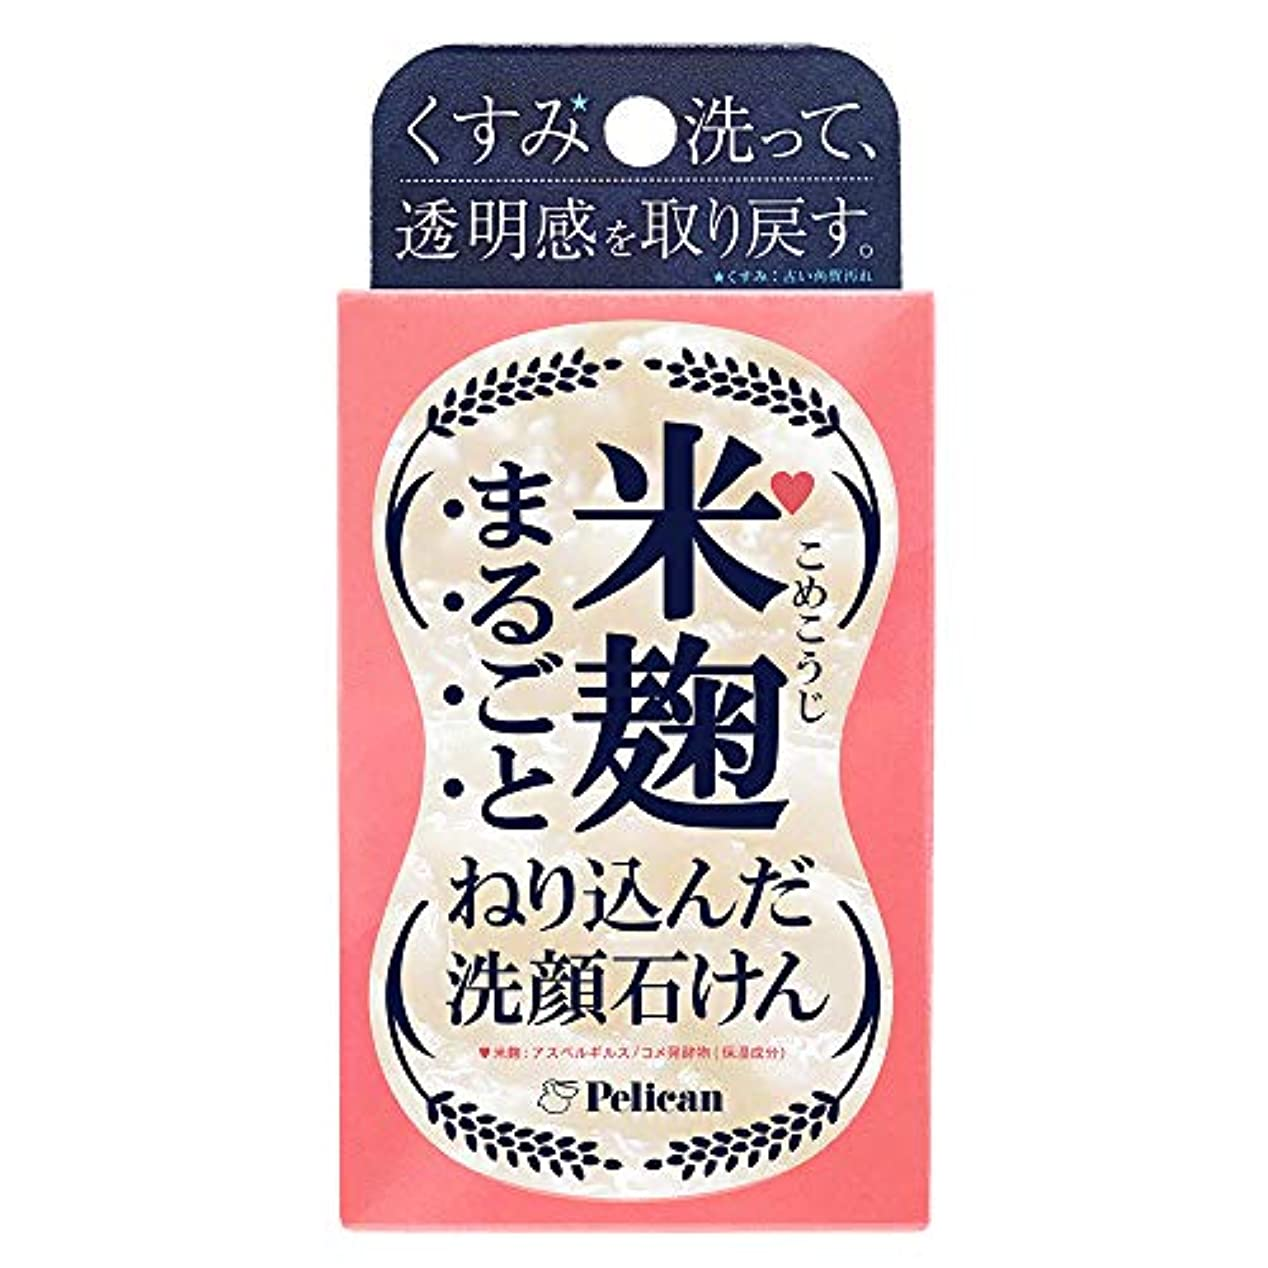 桃グラム劇作家ペリカン石鹸 米麹まるごとねり込んだ洗顔石けん 75g